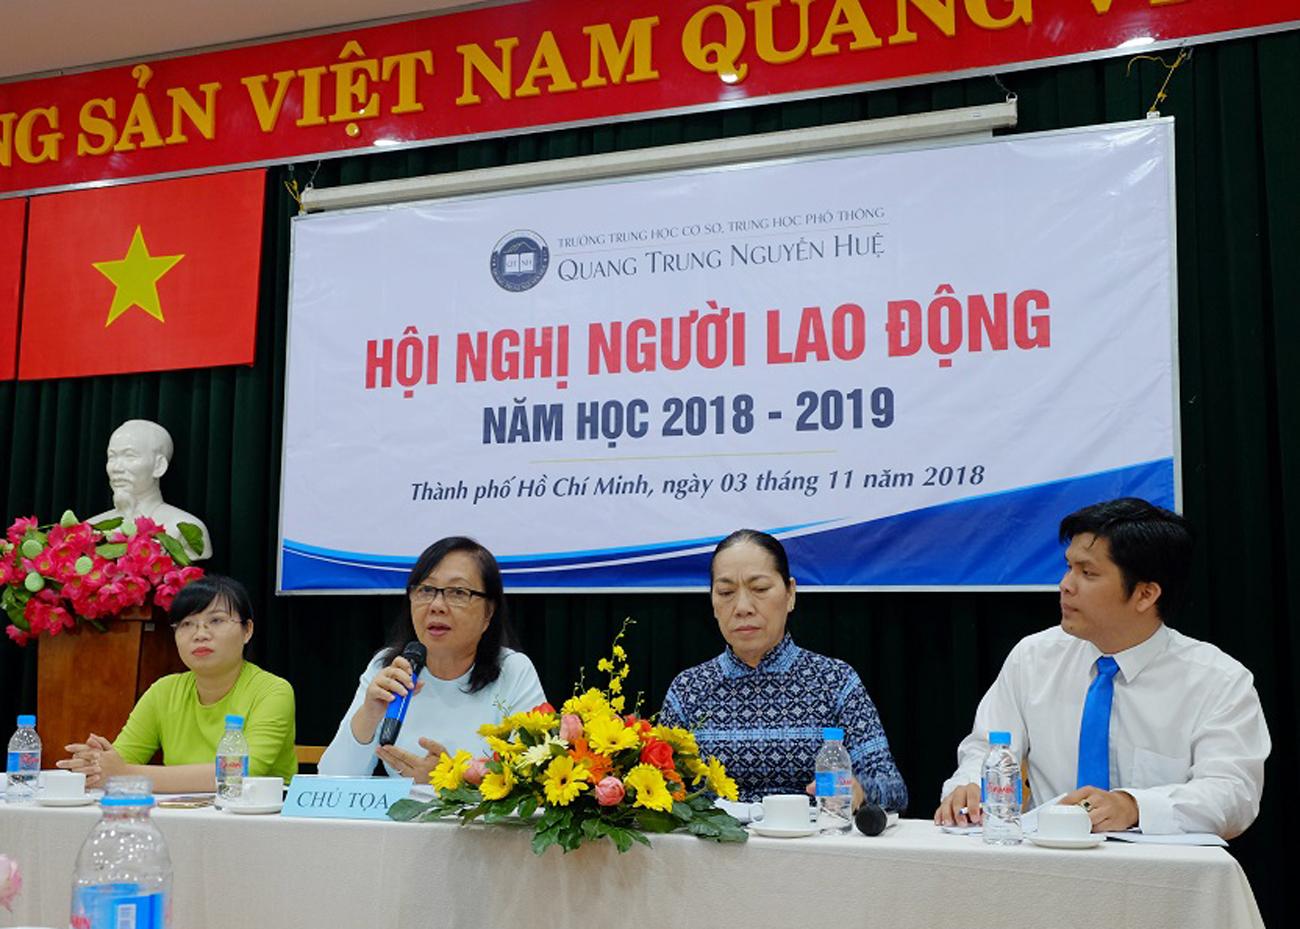 Hội nghị Người lao động năm học 2018 - 2019